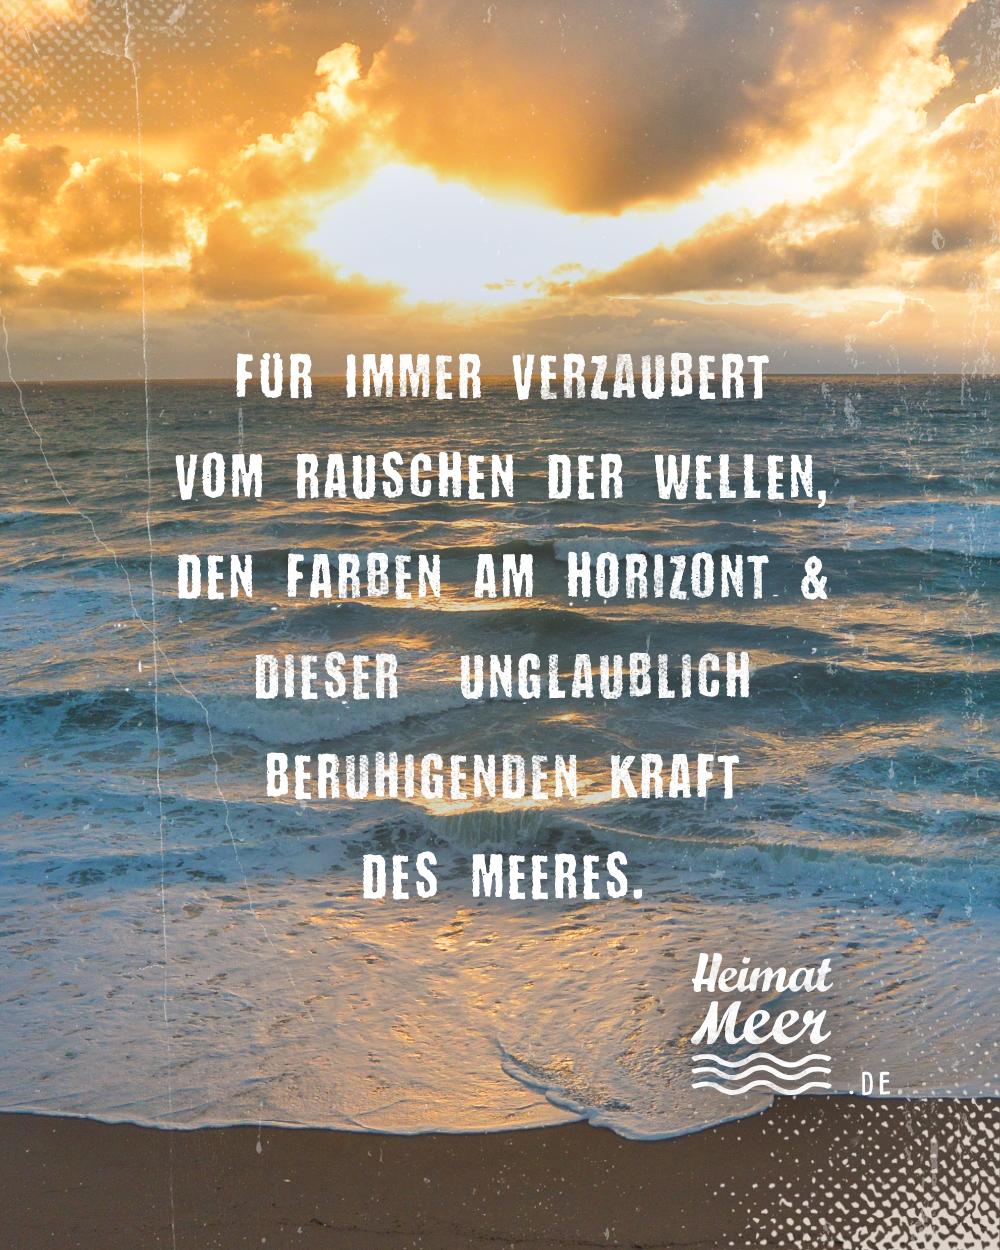 Für Immer Verzaubert Vom Meer Mee H R Von Heimatmeer